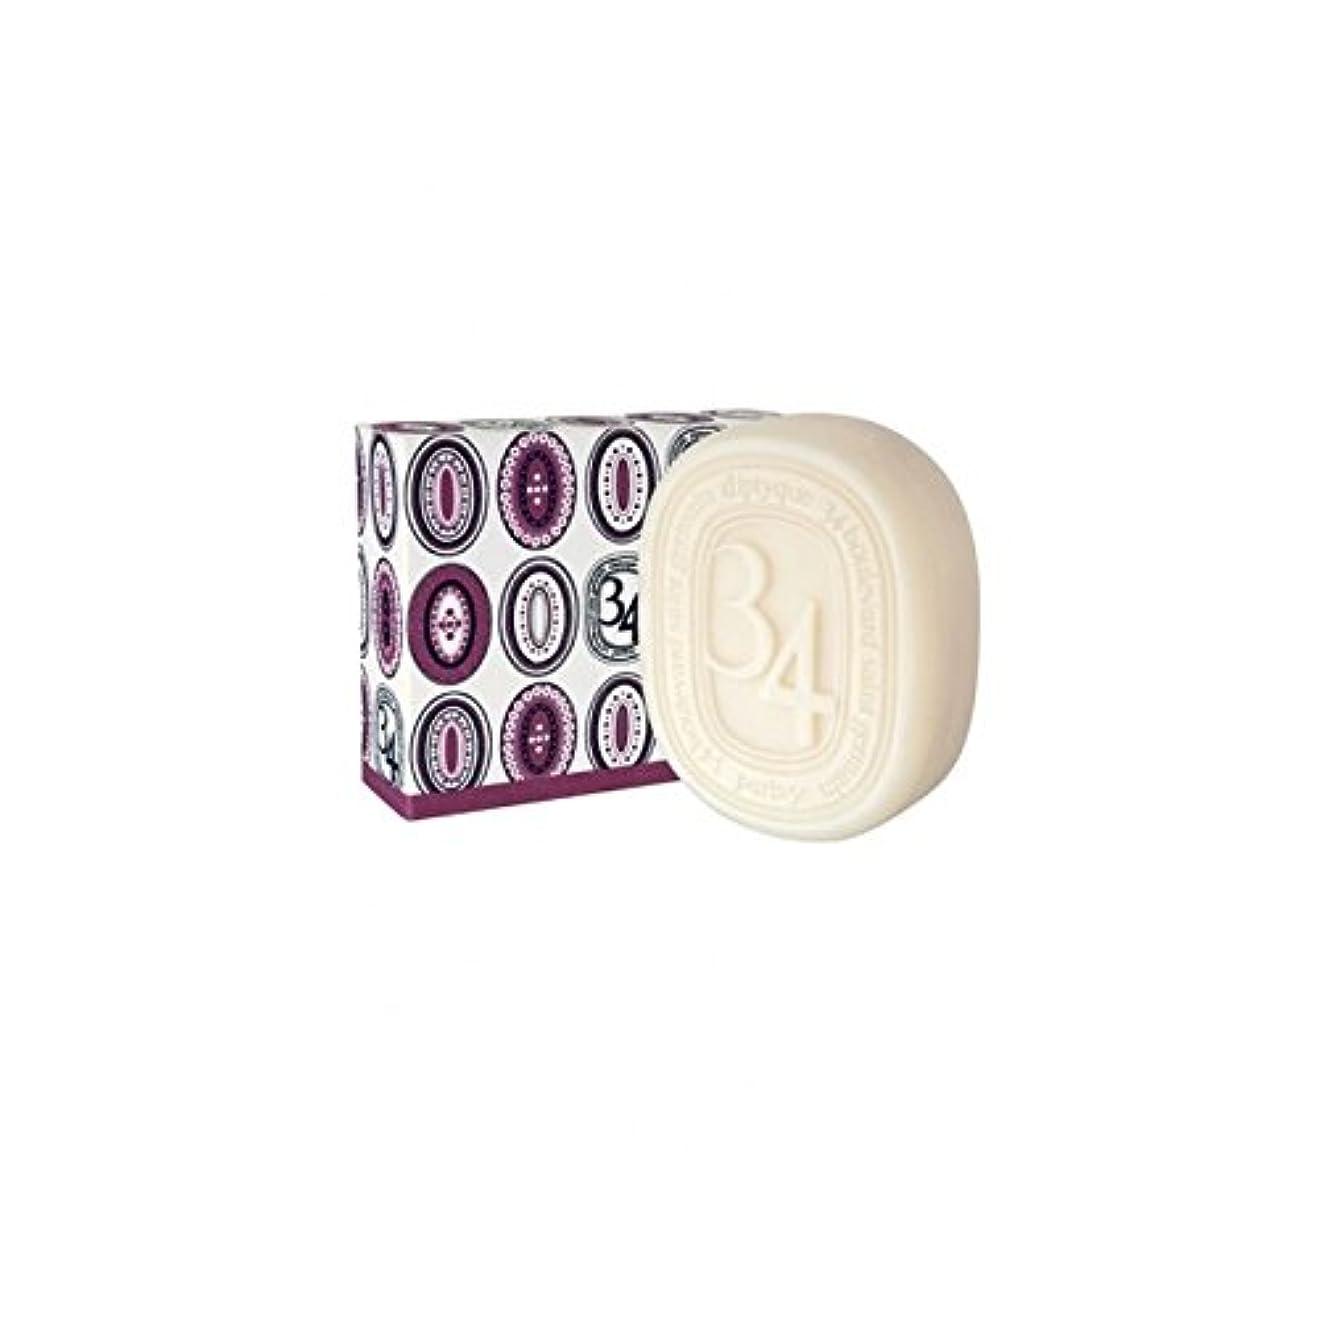 補助金嵐燃やすDiptyque Collection 34 Boulevard Saint Germain Soap 100g (Pack of 2) - Diptyqueコレクション34大通りサンジェルマン石鹸100グラム (x2)...